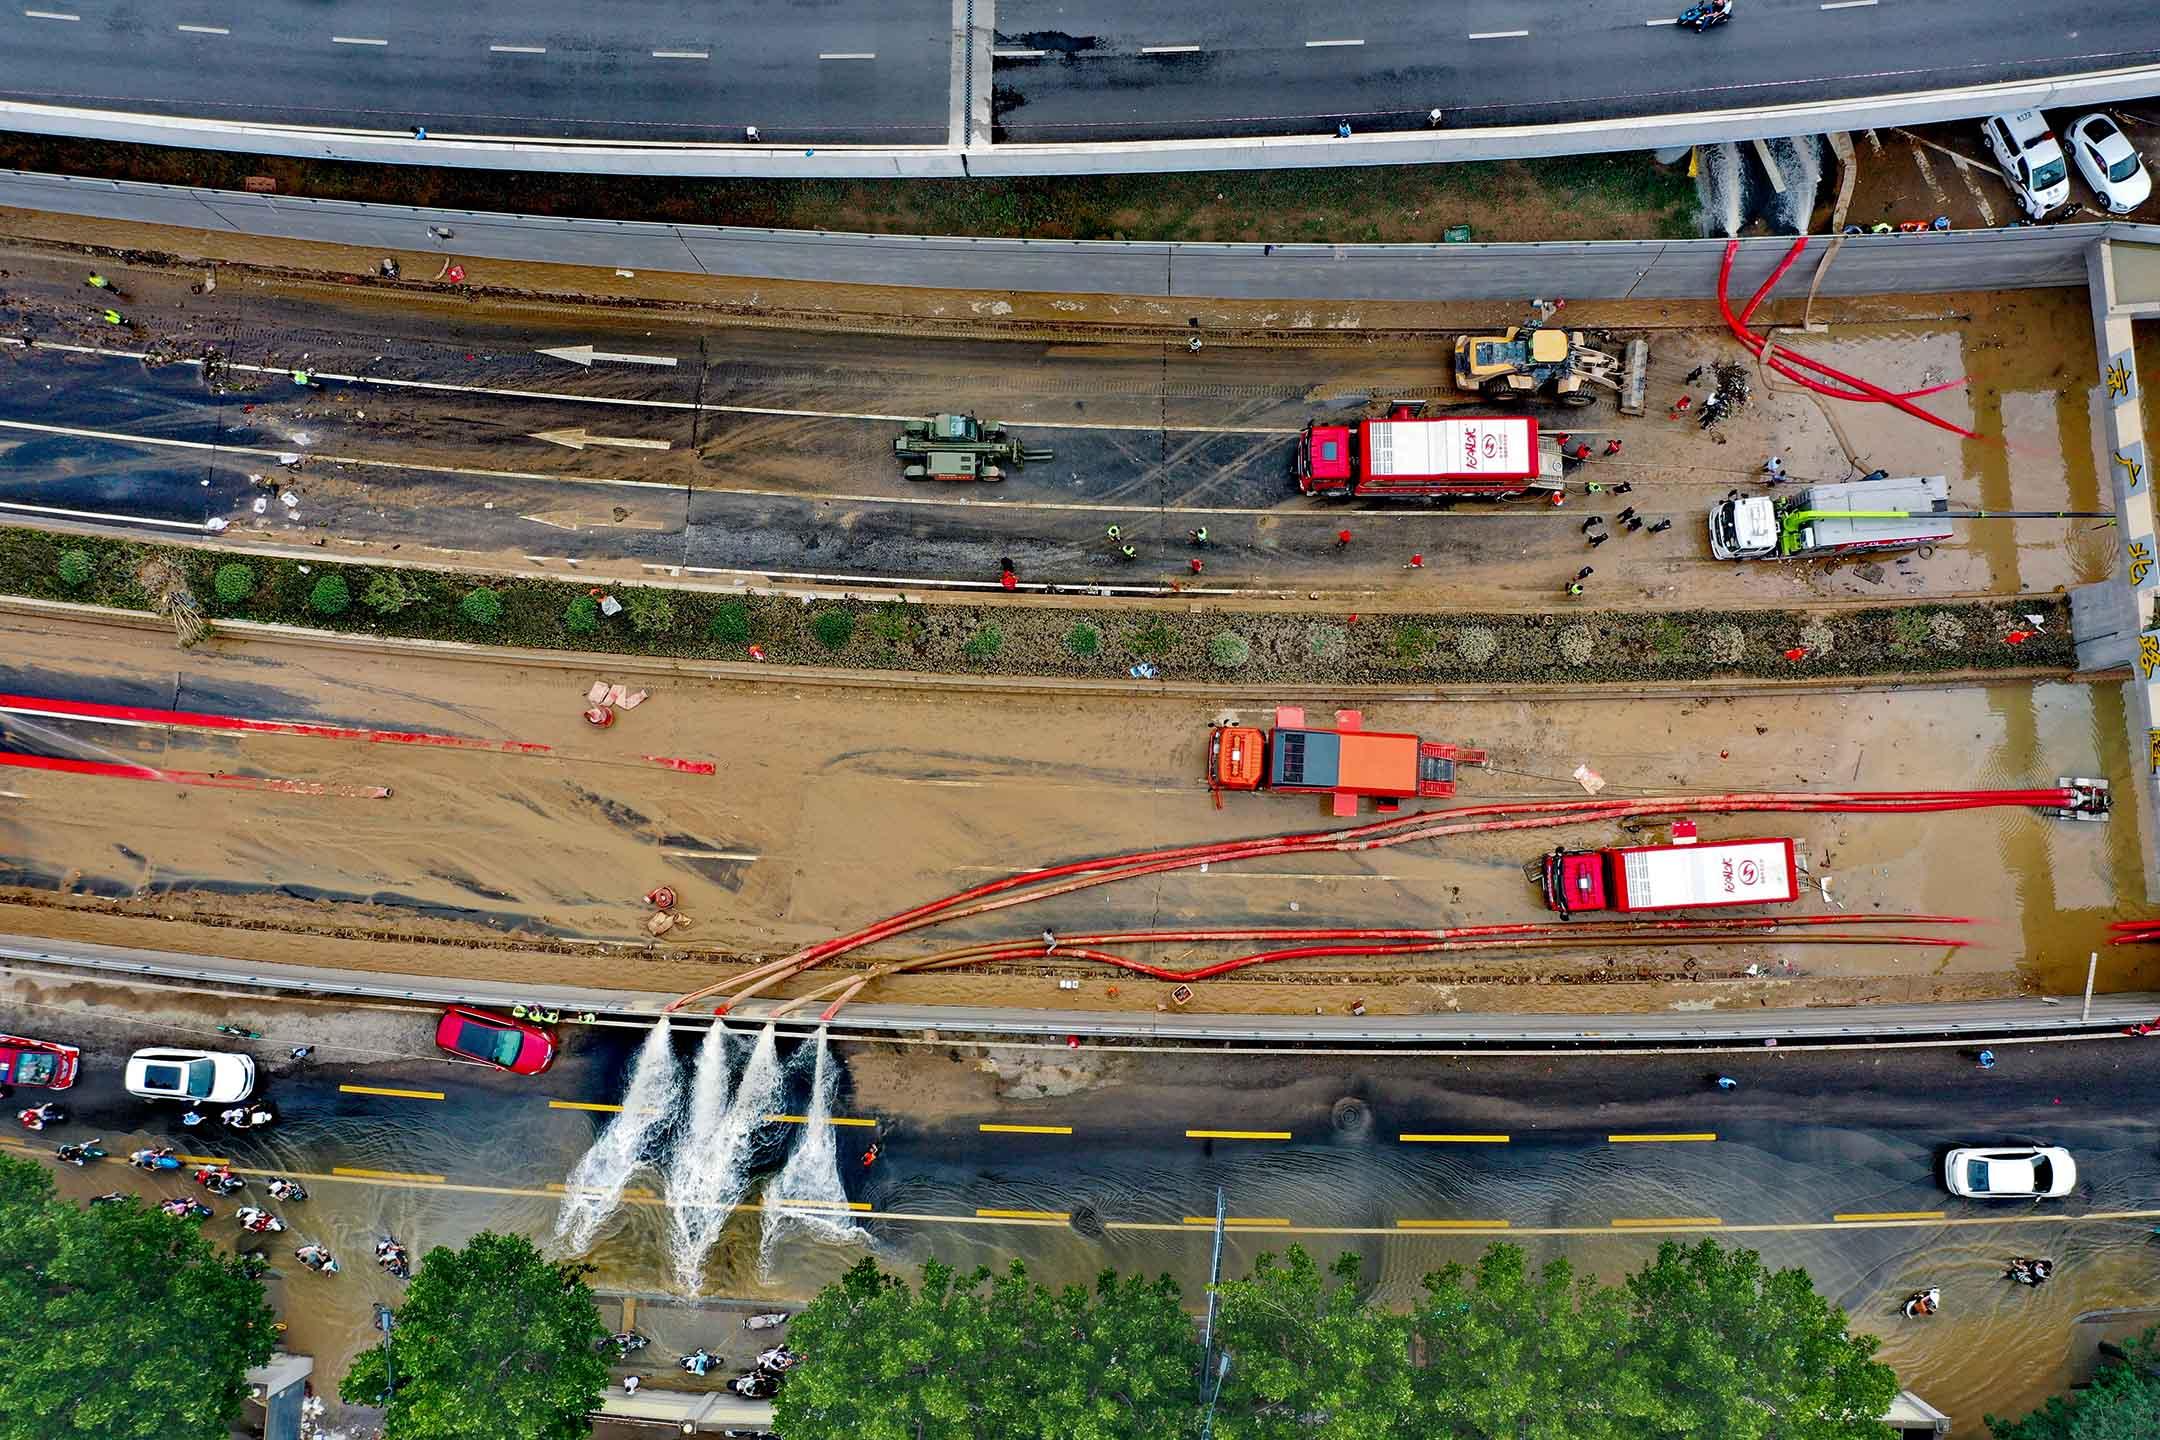 2021年7月23日中國鄭州,吸水機組在京廣南路隧道內抽水,加快隧道內的排水速度。